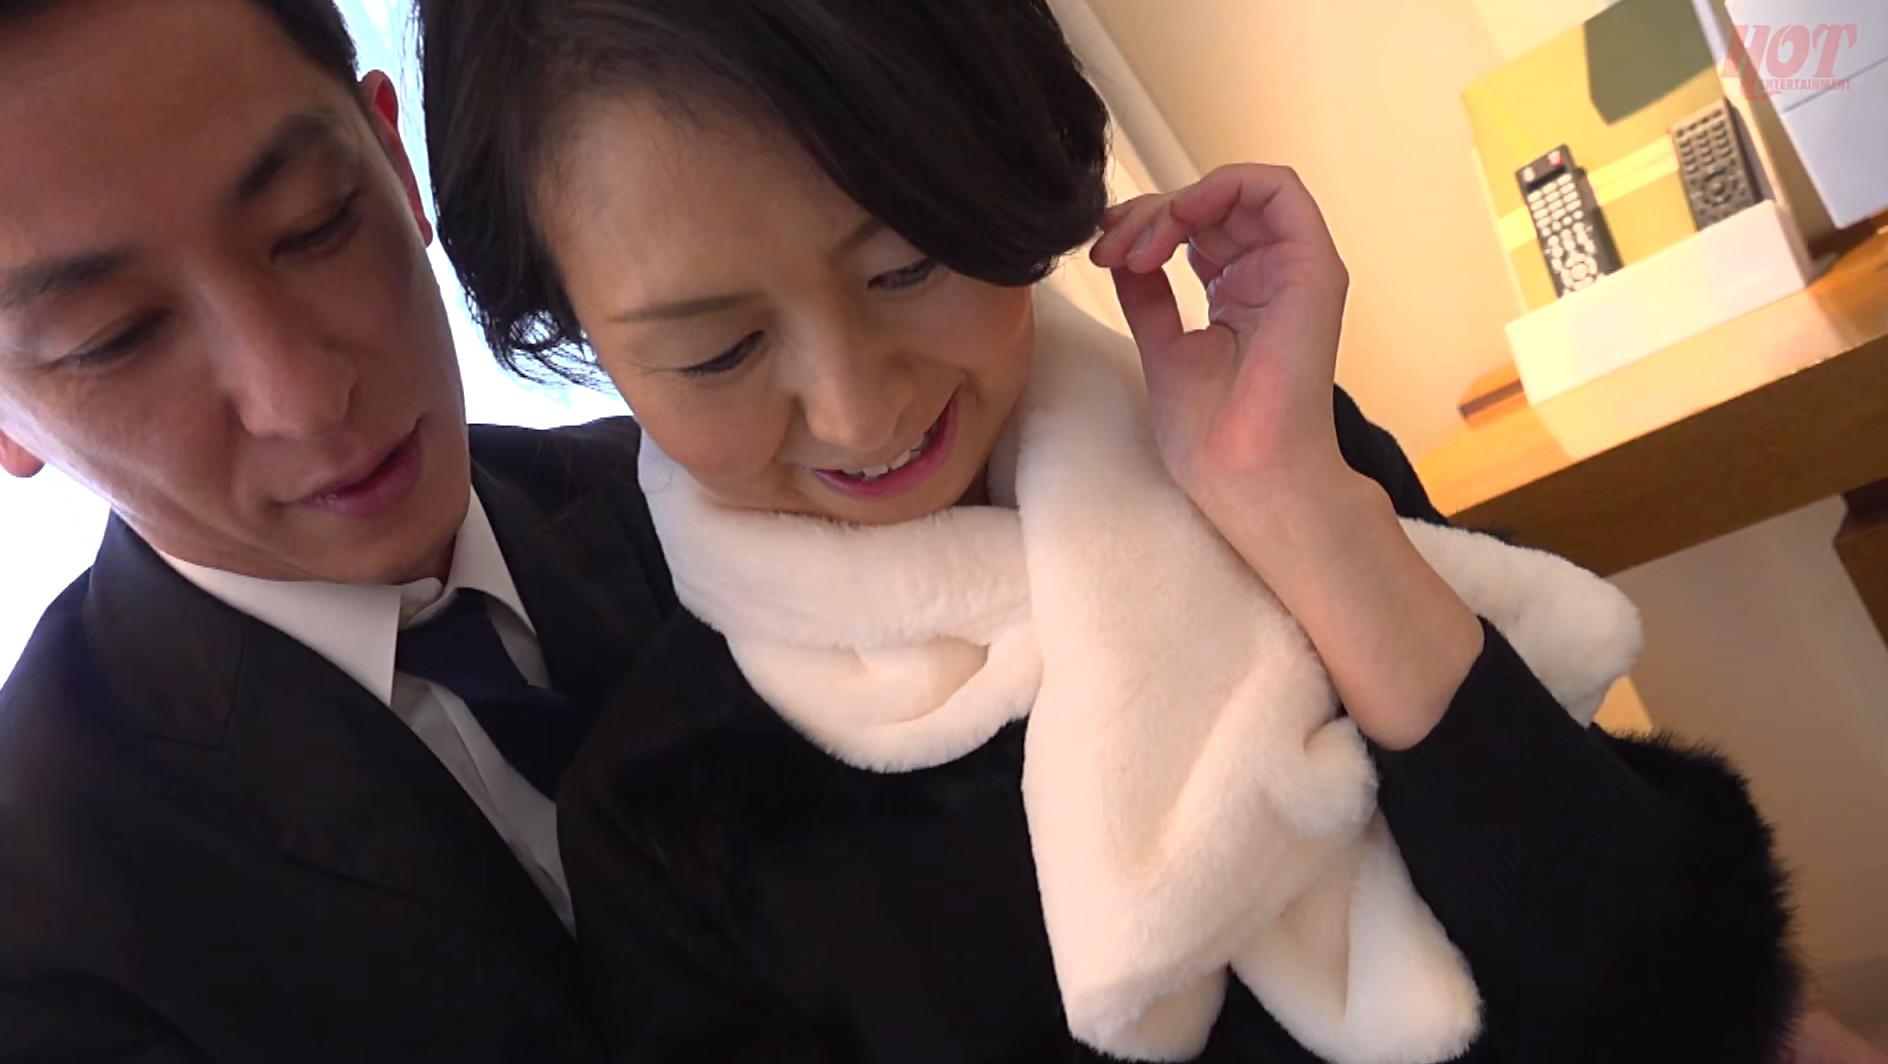 素敵な婦人 息子に会いに上京したはずなのに・・・イケメンナンパ師のテクにメロメロ 光代さん49歳 画像7